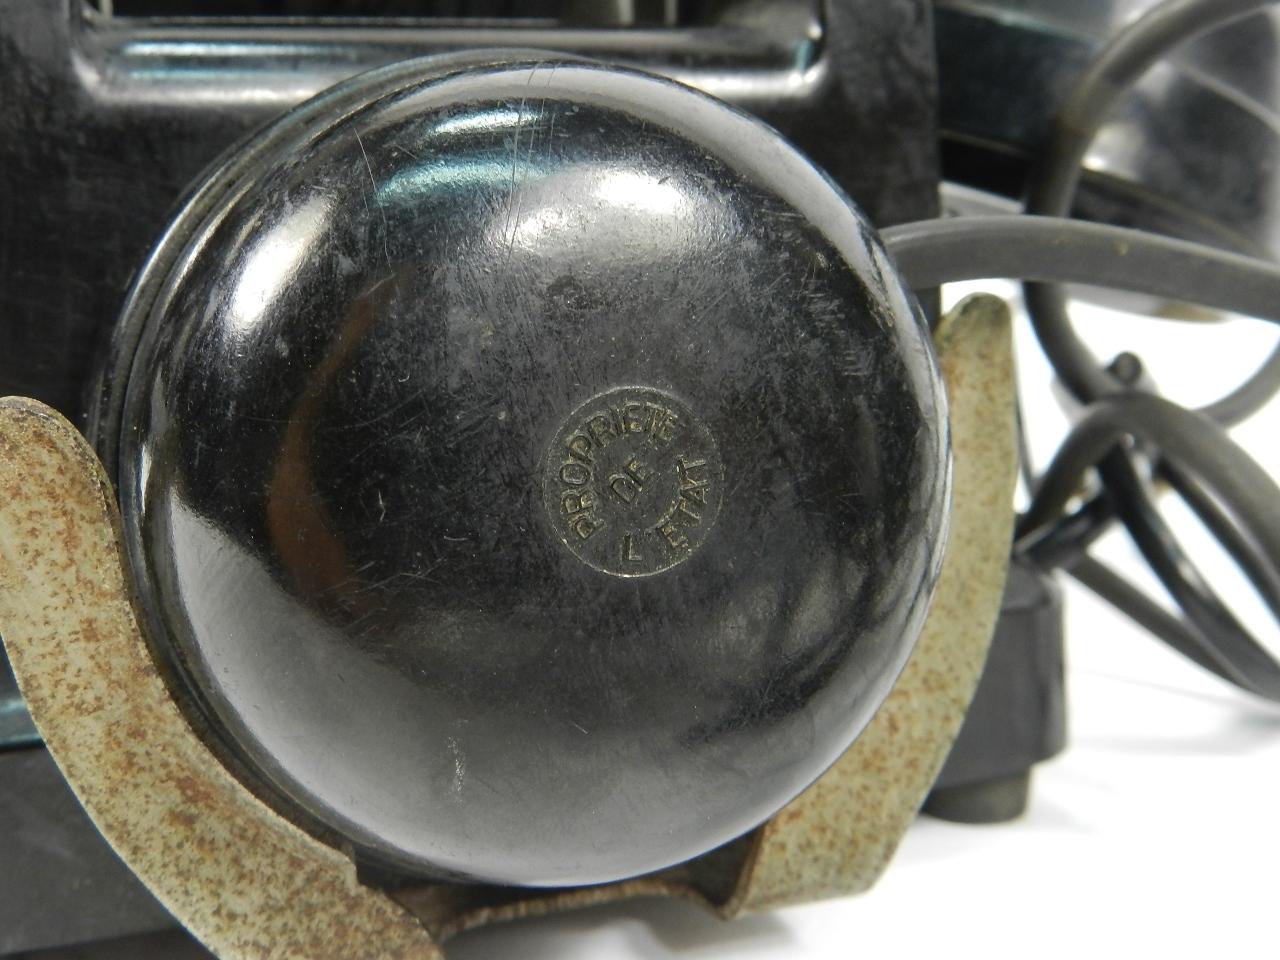 Imagen TELEFONO P.T.T ERICSSON AÑO 1940 41439